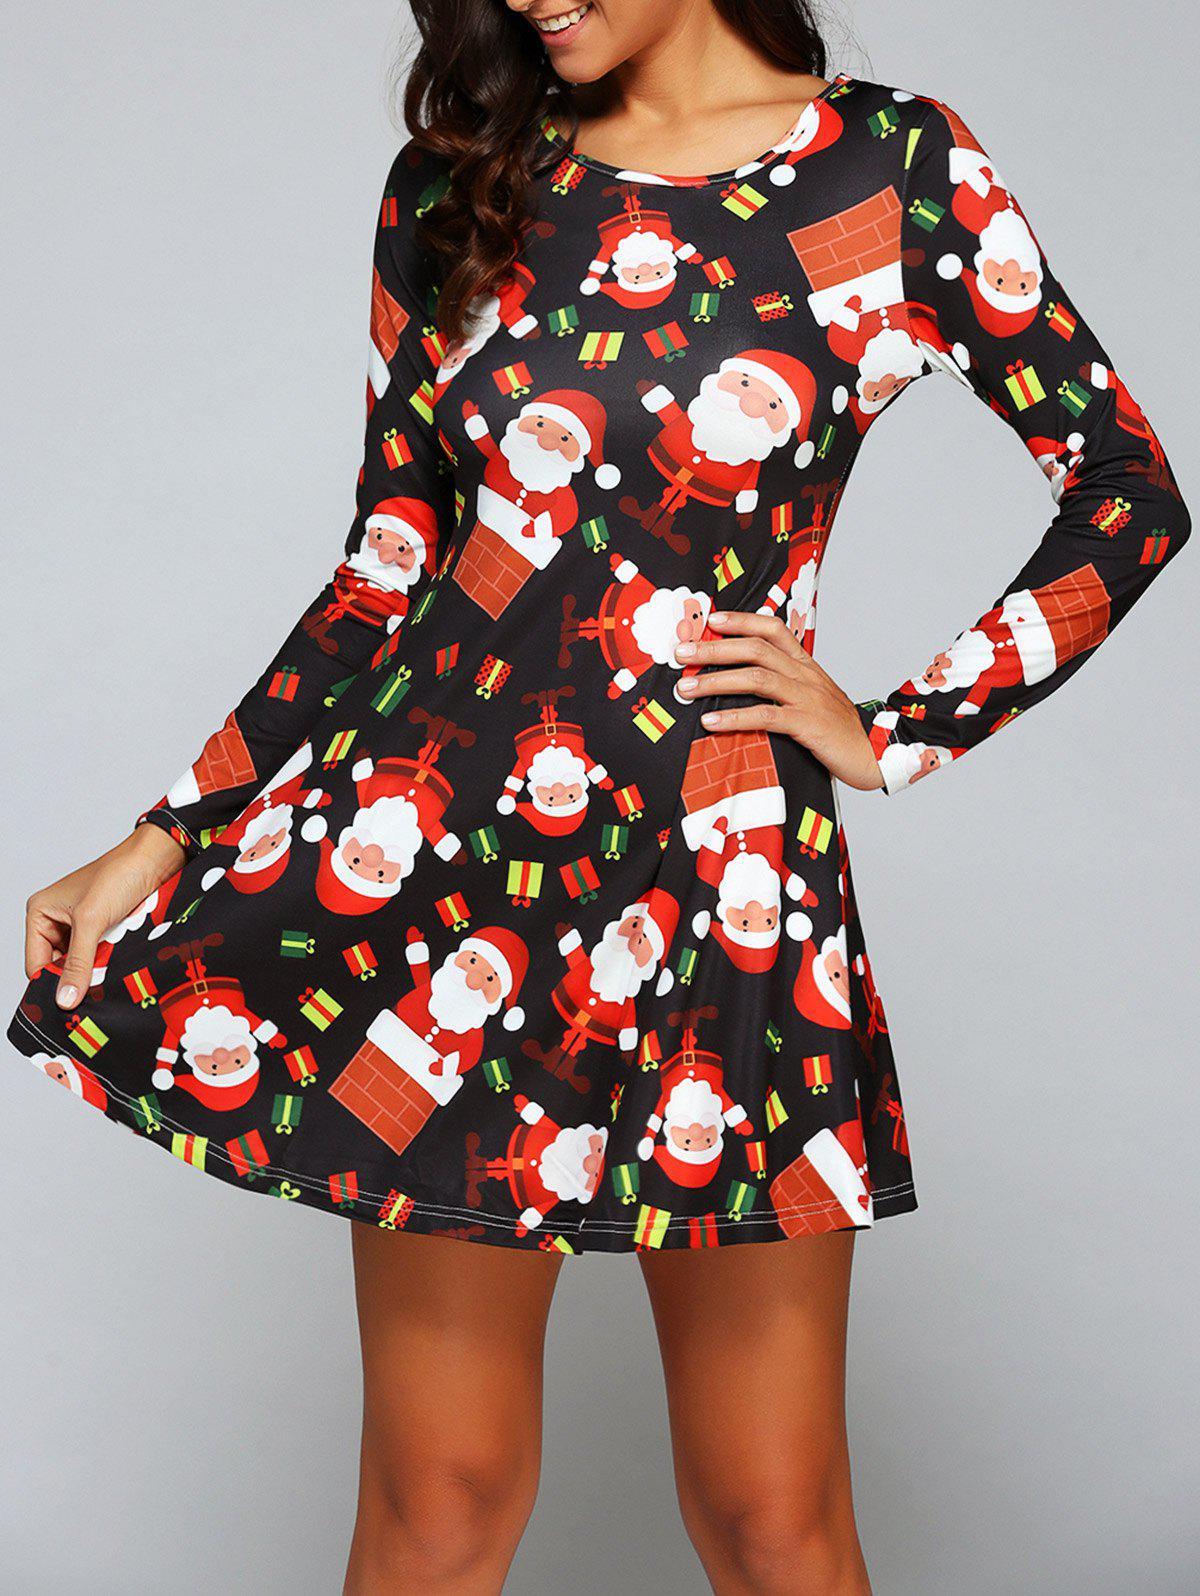 Christmas Gift Print Long Sleeve Dress 158696203